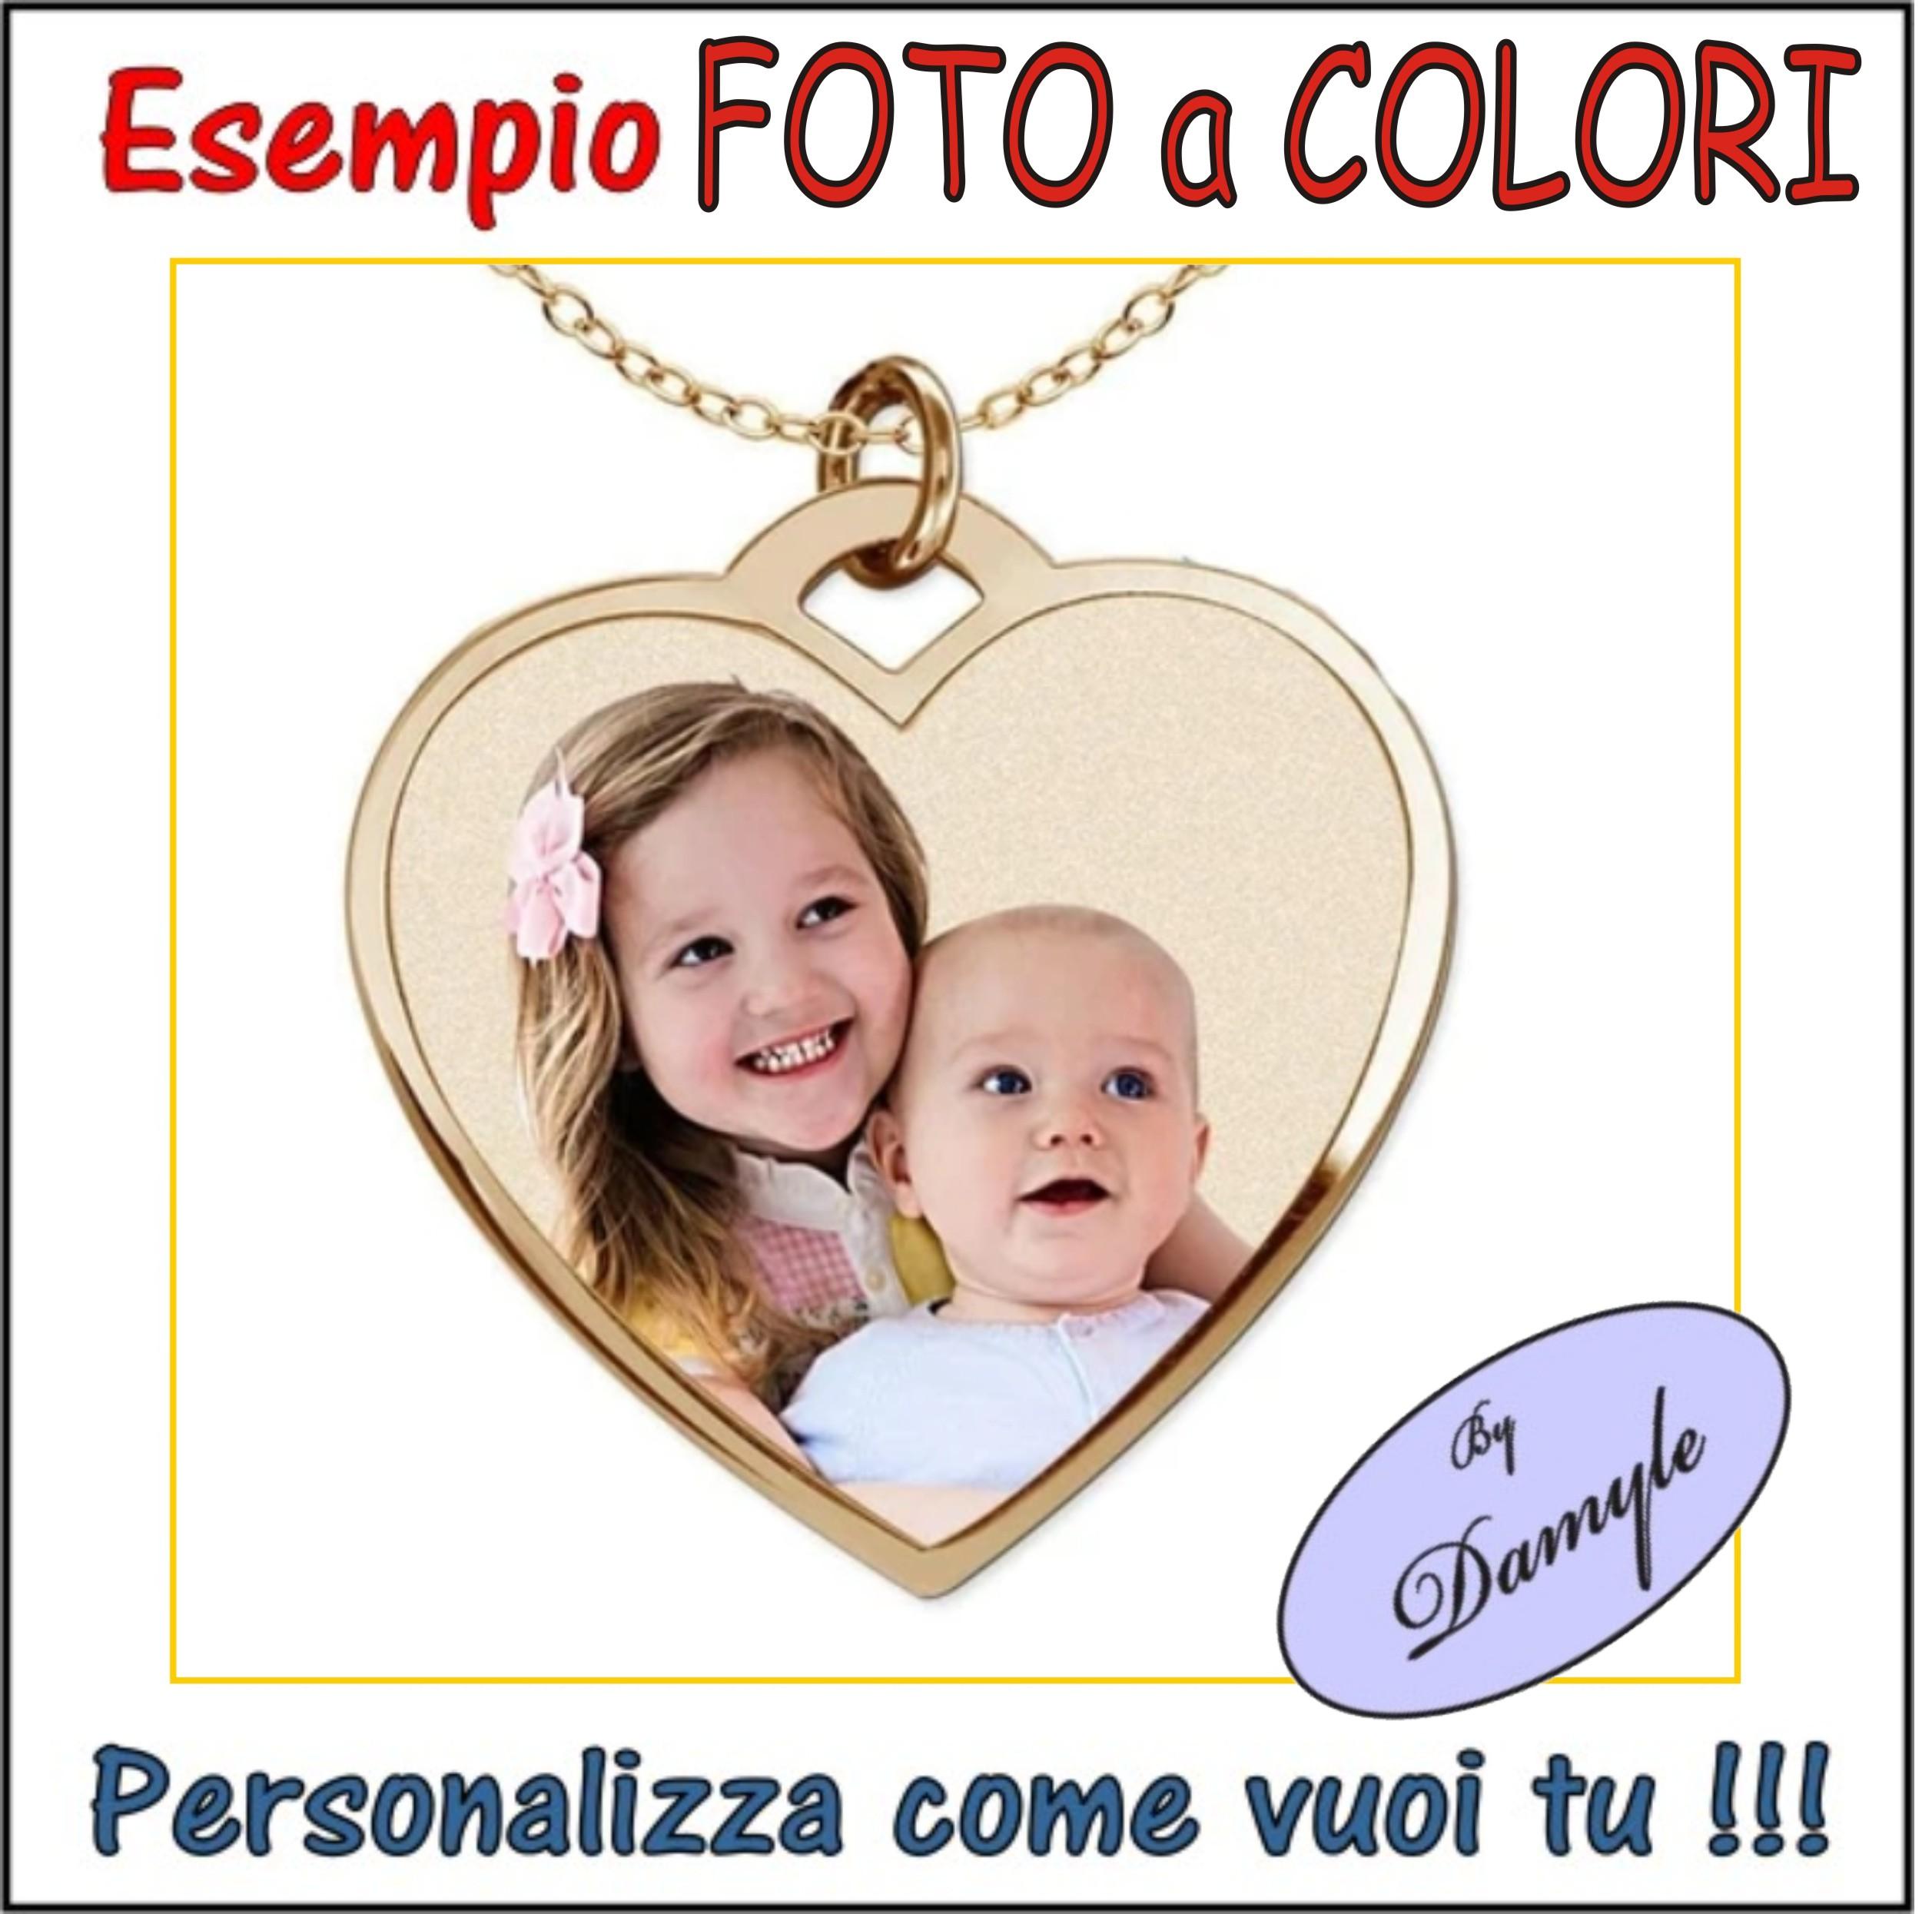 personalizzazione ciondolo oro medaglia pendente foto colori incisa su ciondoli medaglie collane bracciali incisi personalizzati